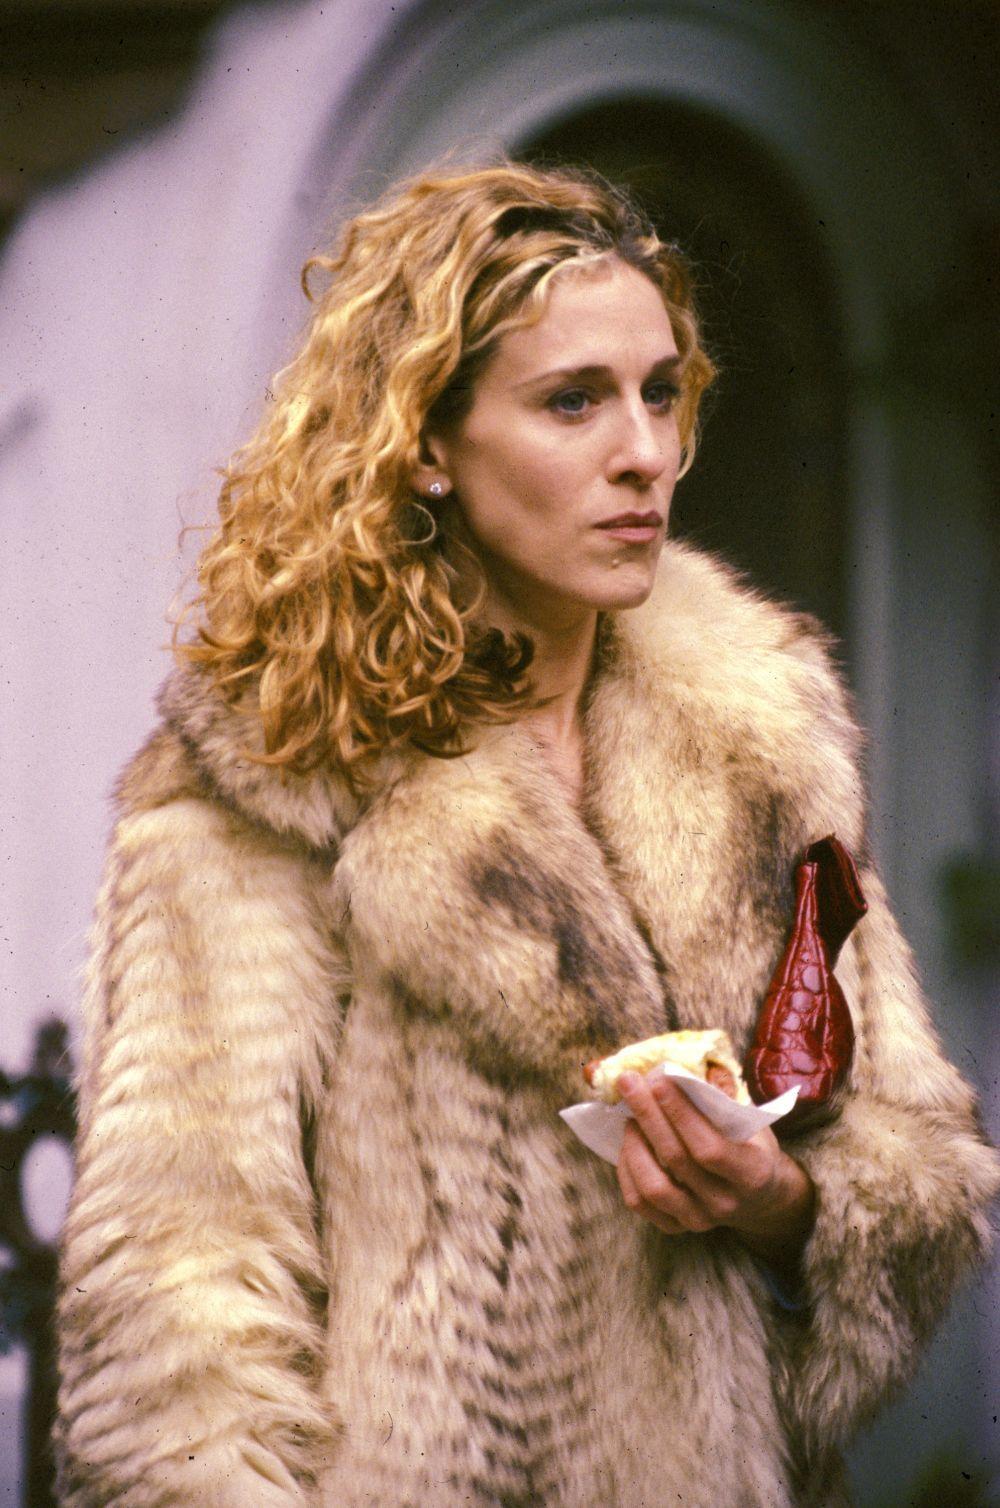 Quizá por su personaje o por sus gustos personales, Sarah Jessica Parker se identifica con Carrie en llevar sus uñas sin pintar siempre porque rara vez hemos visto a ambas con esmalte de uñas.